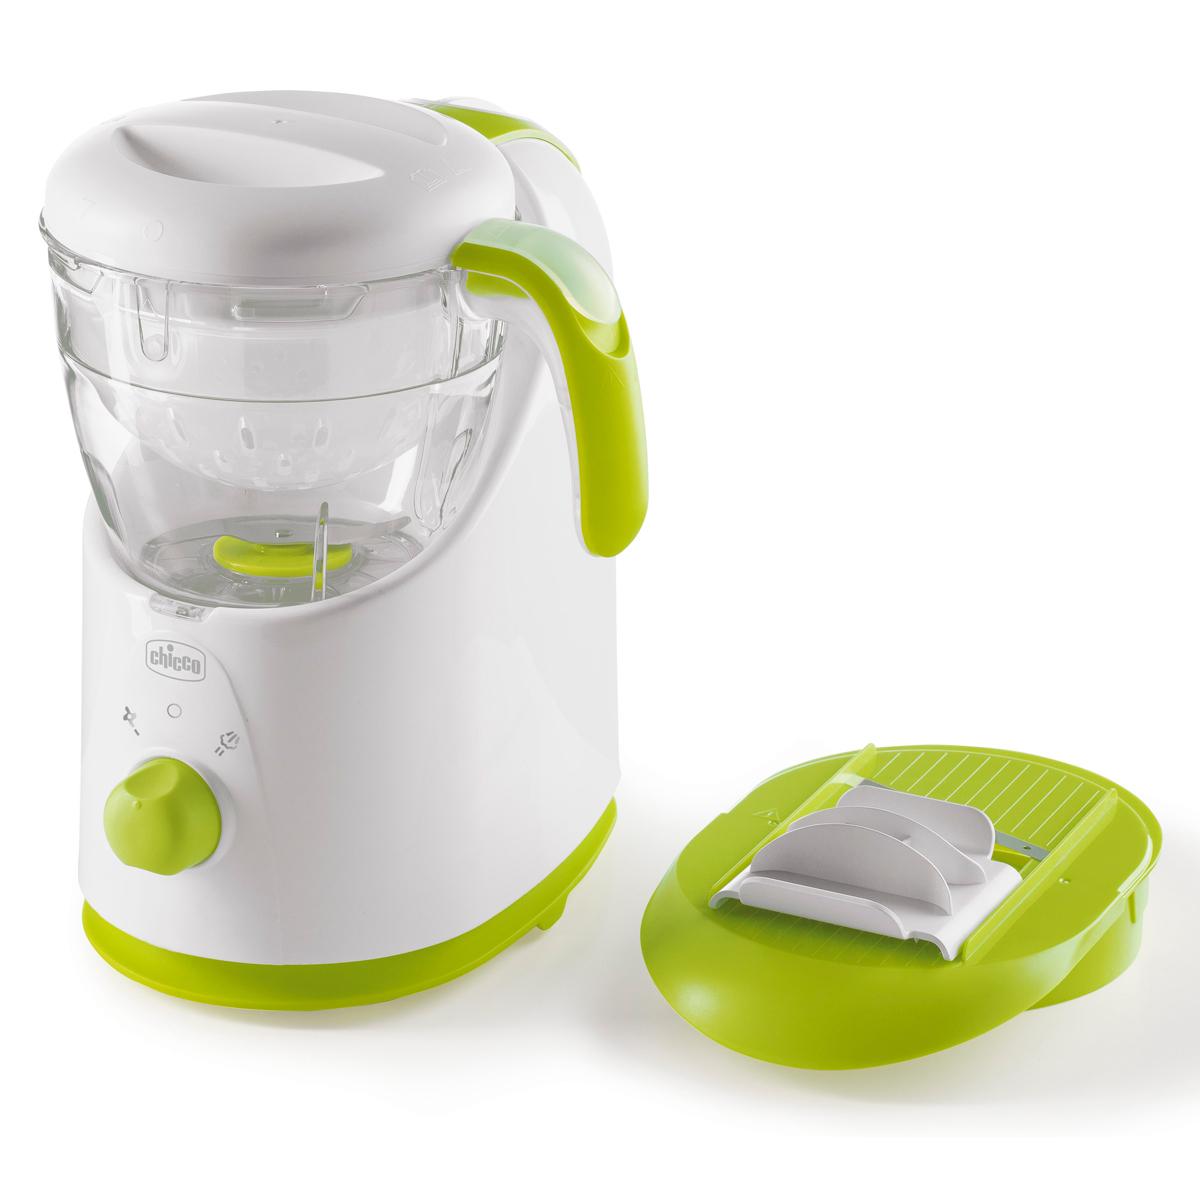 Cuiseur & Mixeur Robot Cuiseur Vapeur Mixeur Easy Meal Robot Cuiseur Vapeur Mixeur Easy Meal